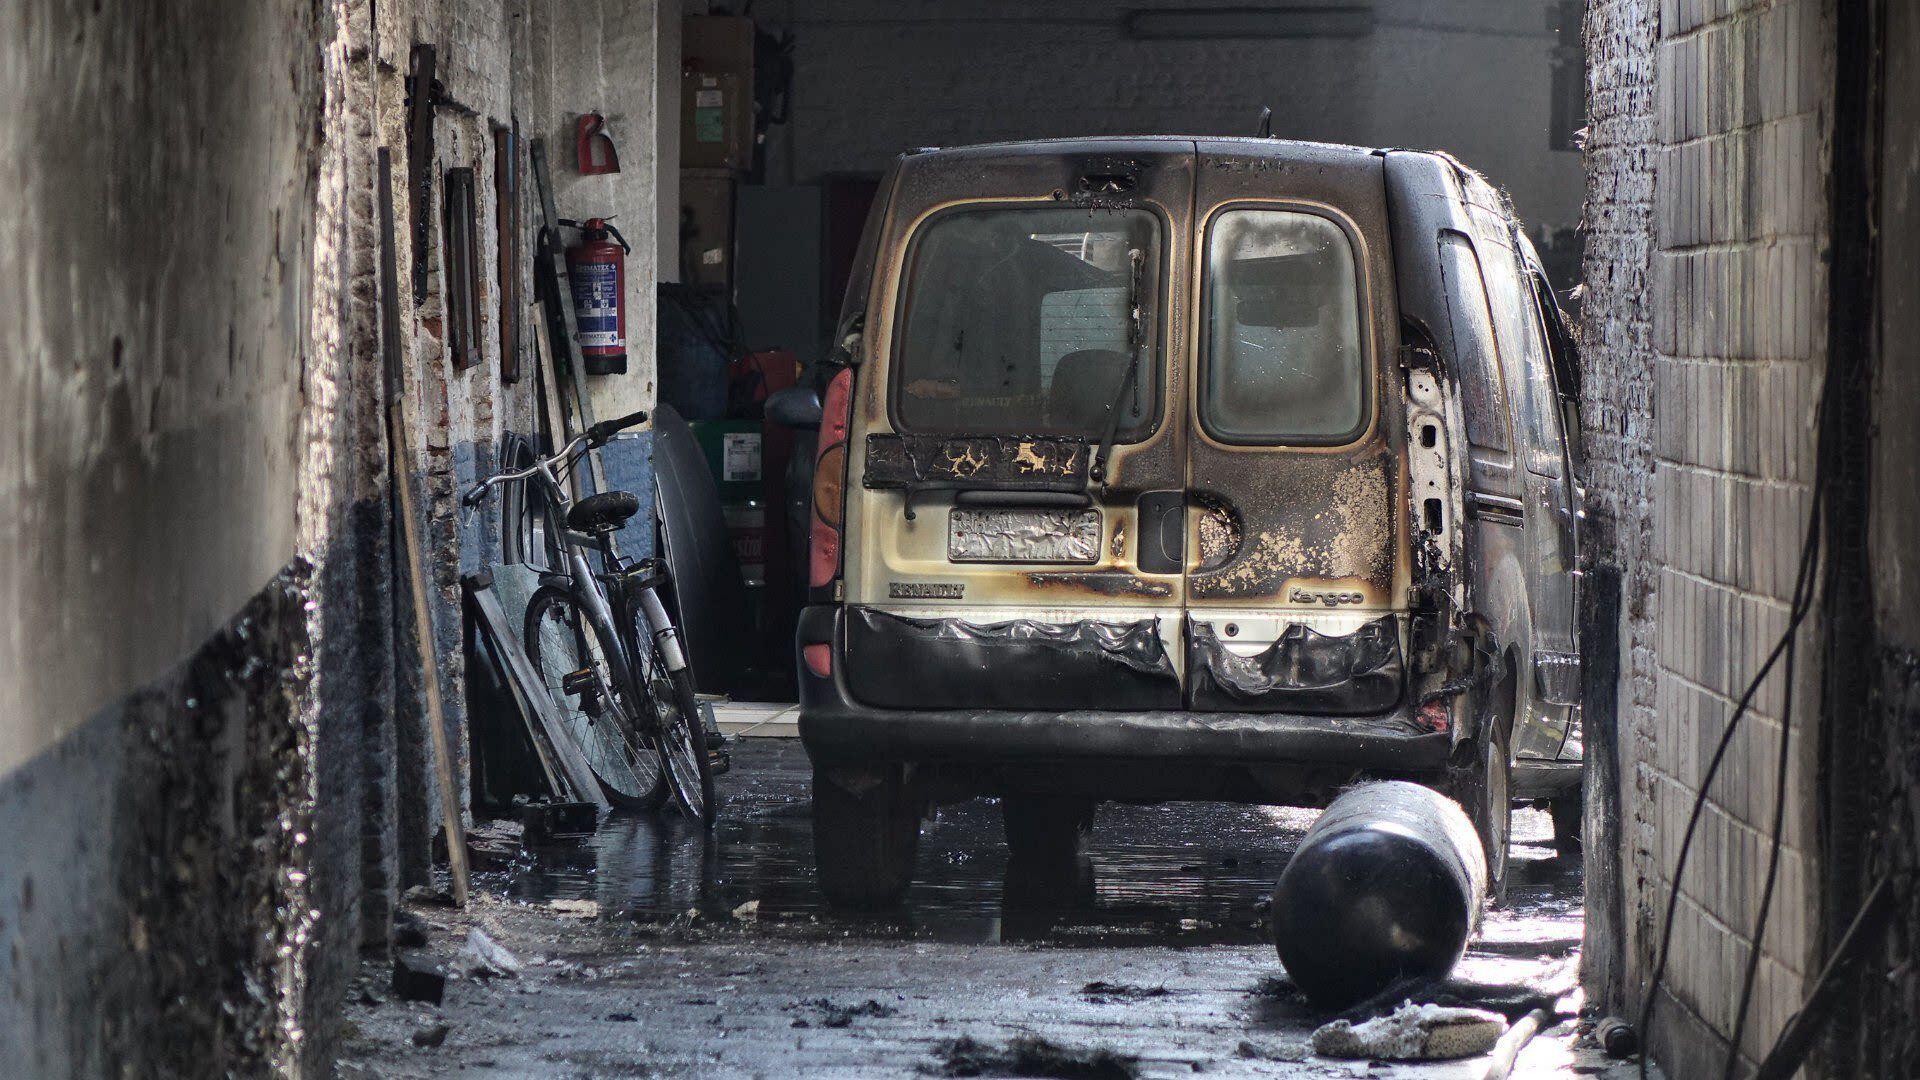 Drie zwaargewonden bij ontploffing in Antwerpse garage, opgetrommelde politie bekogeld met eieren